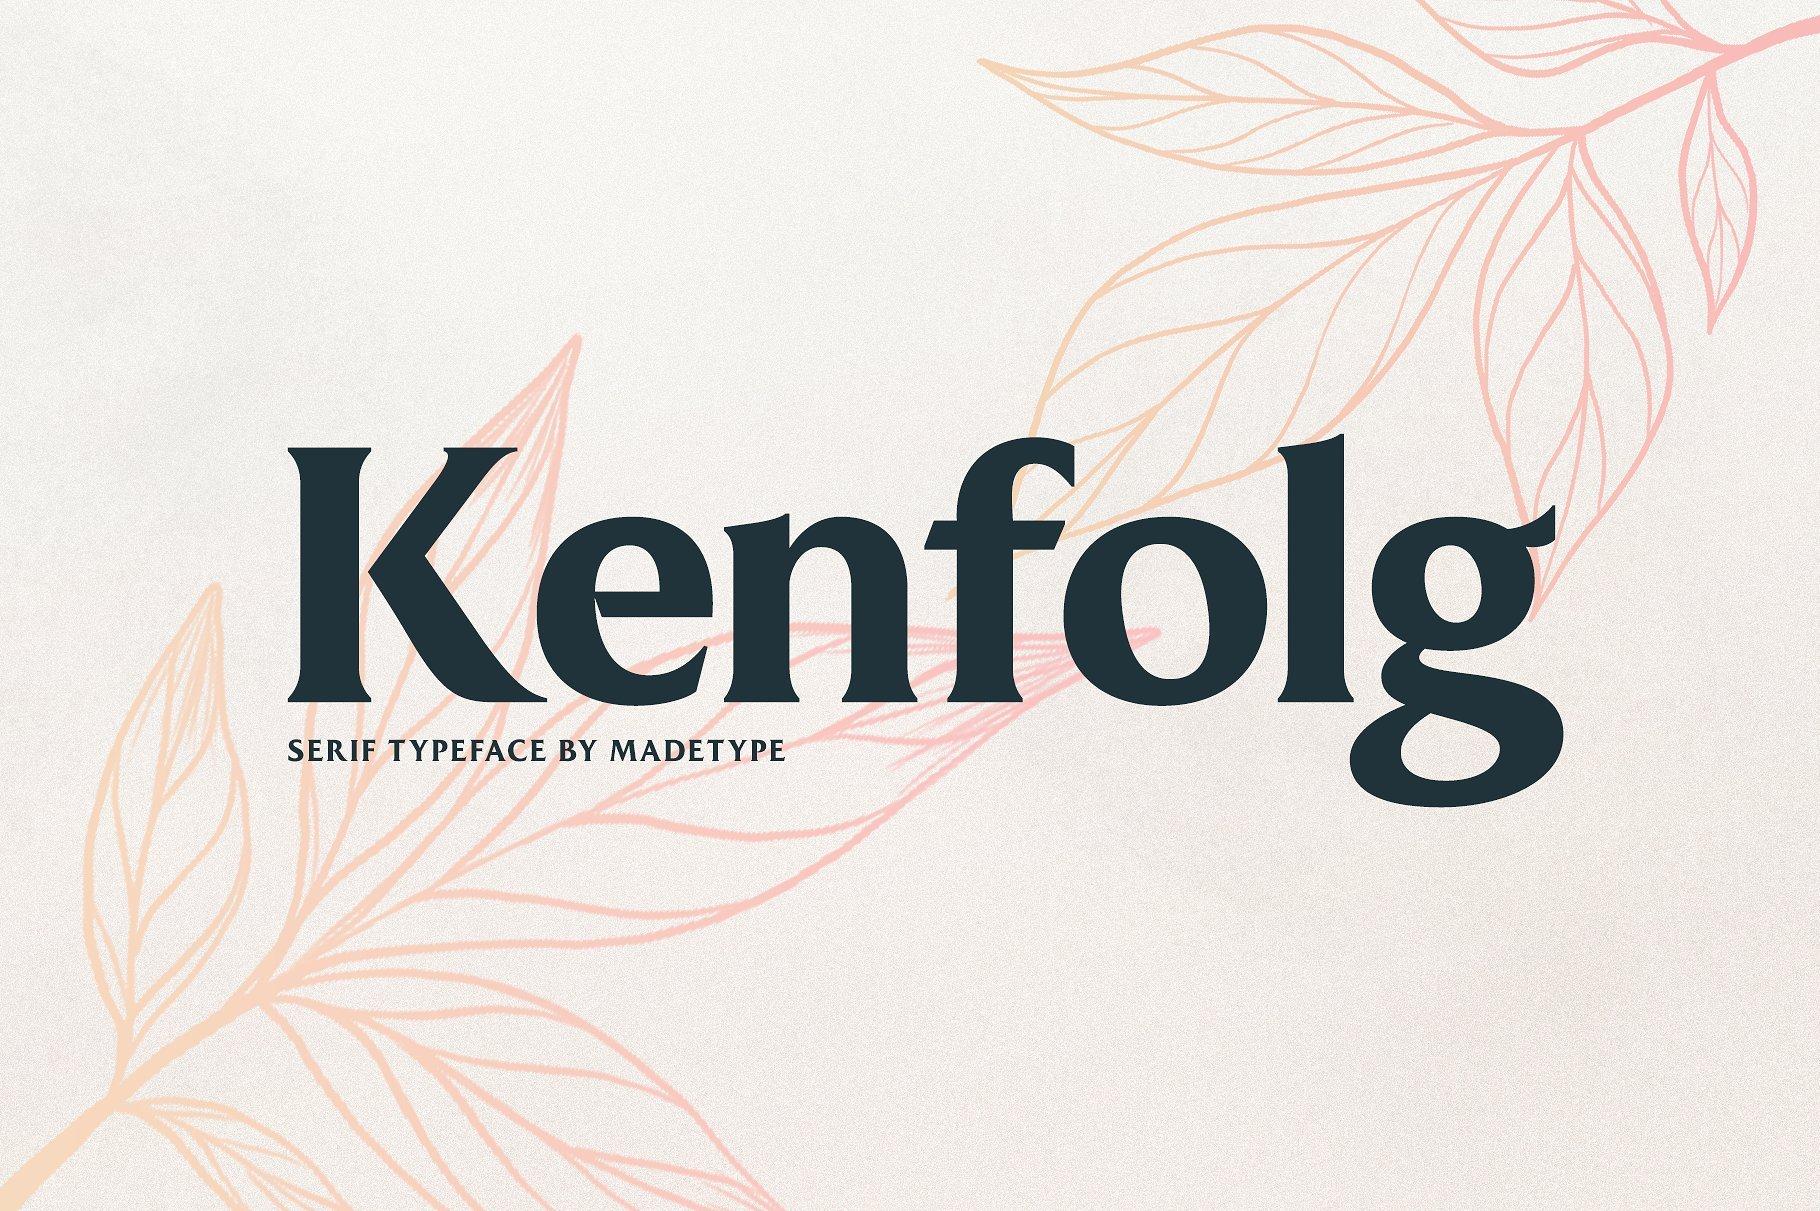 https://fontclarity.com/wp-content/uploads/2019/09/made-kenfolg-serif-font-download-0.jpg Free Download